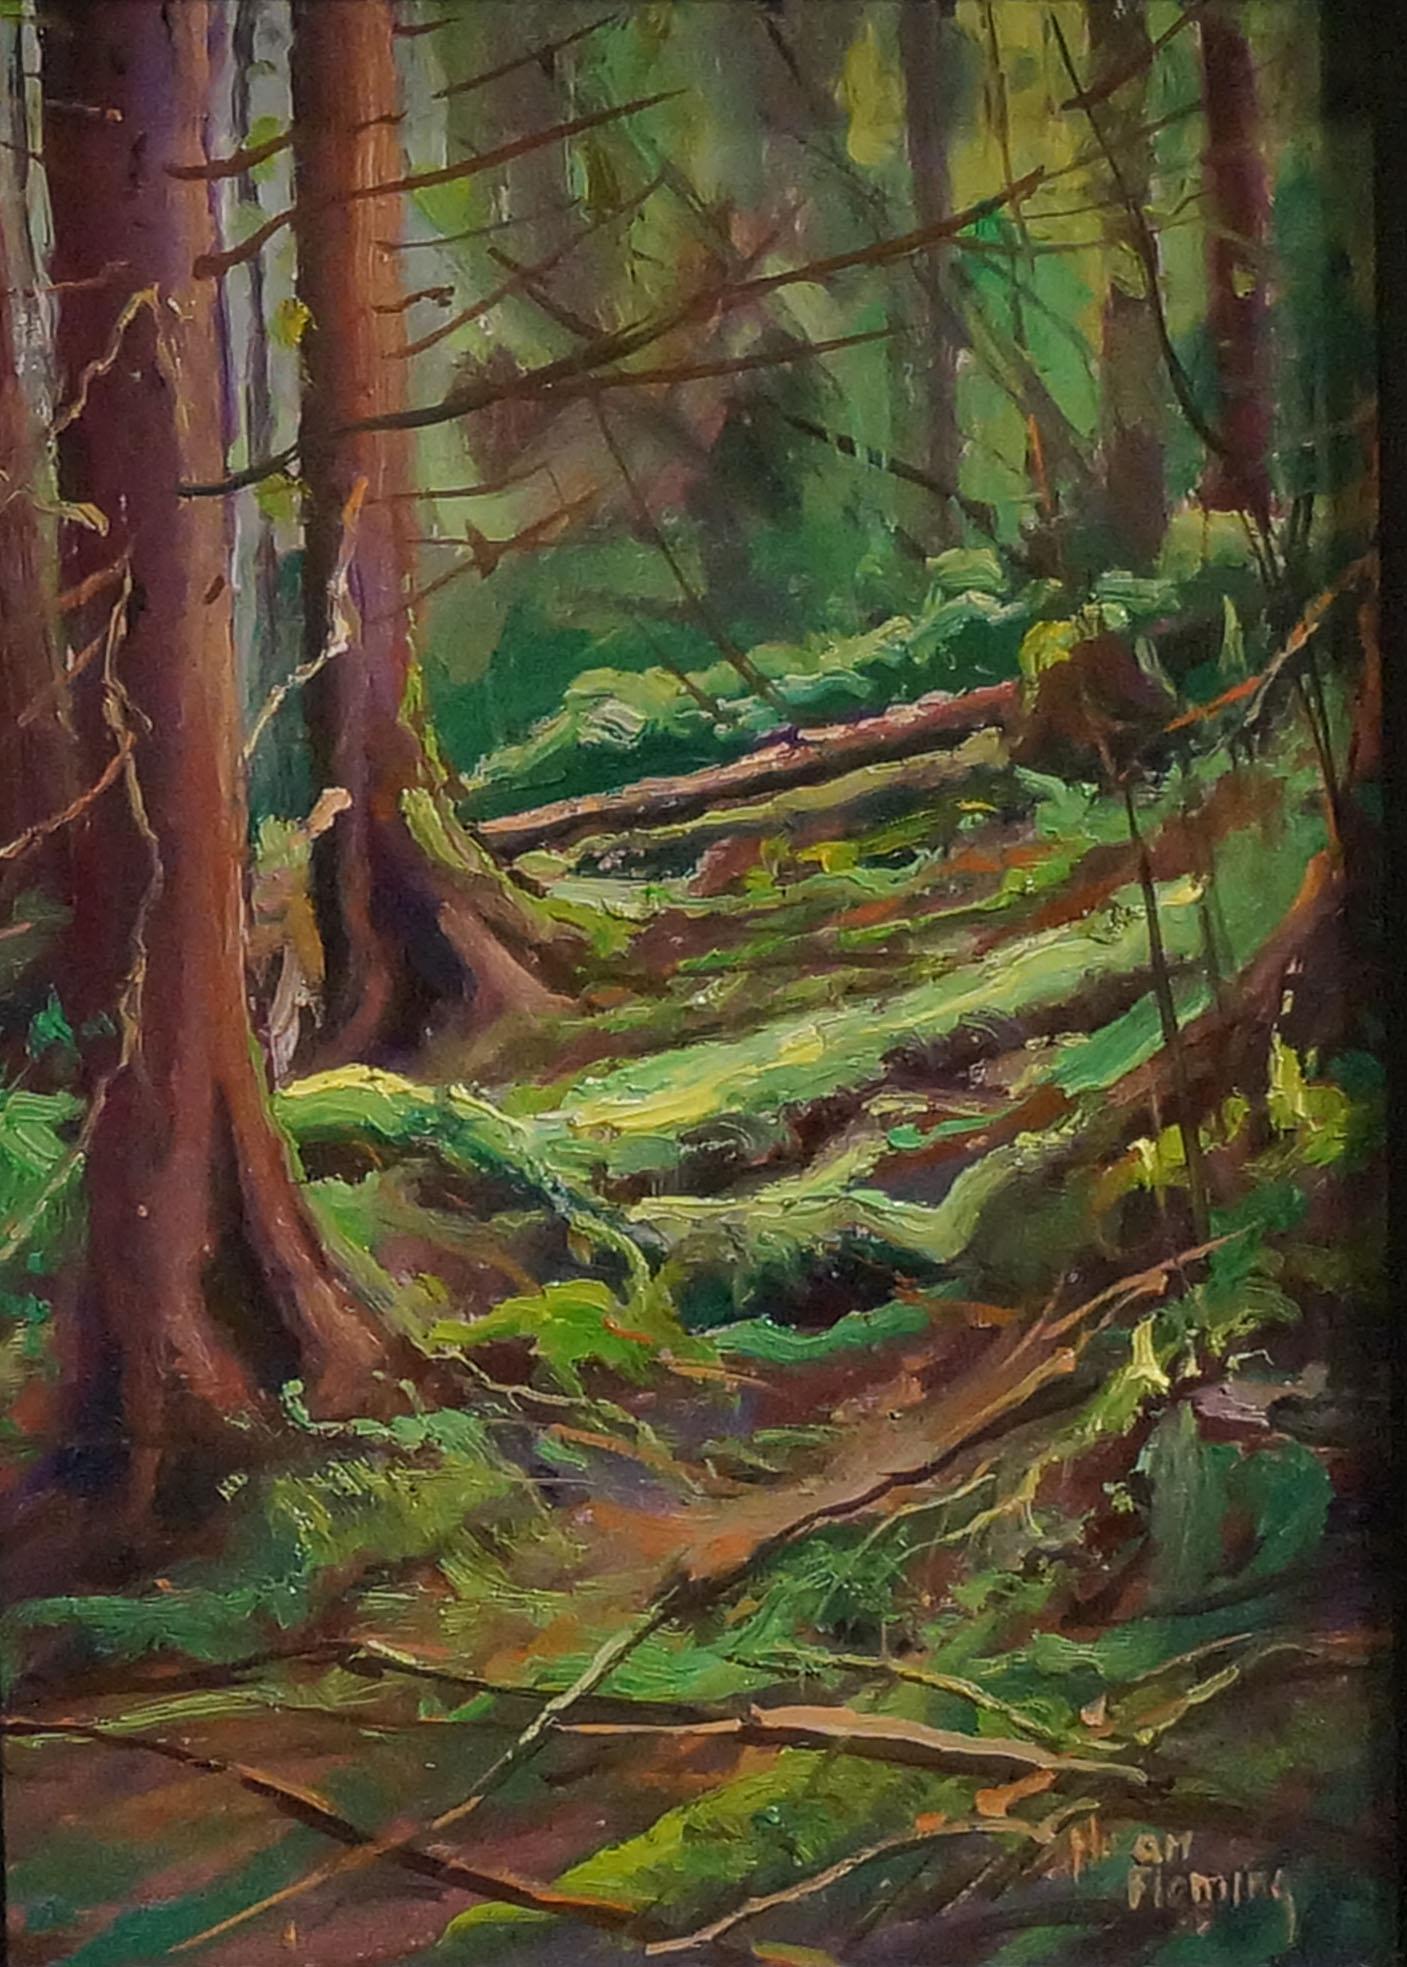 821-flemingspringforest